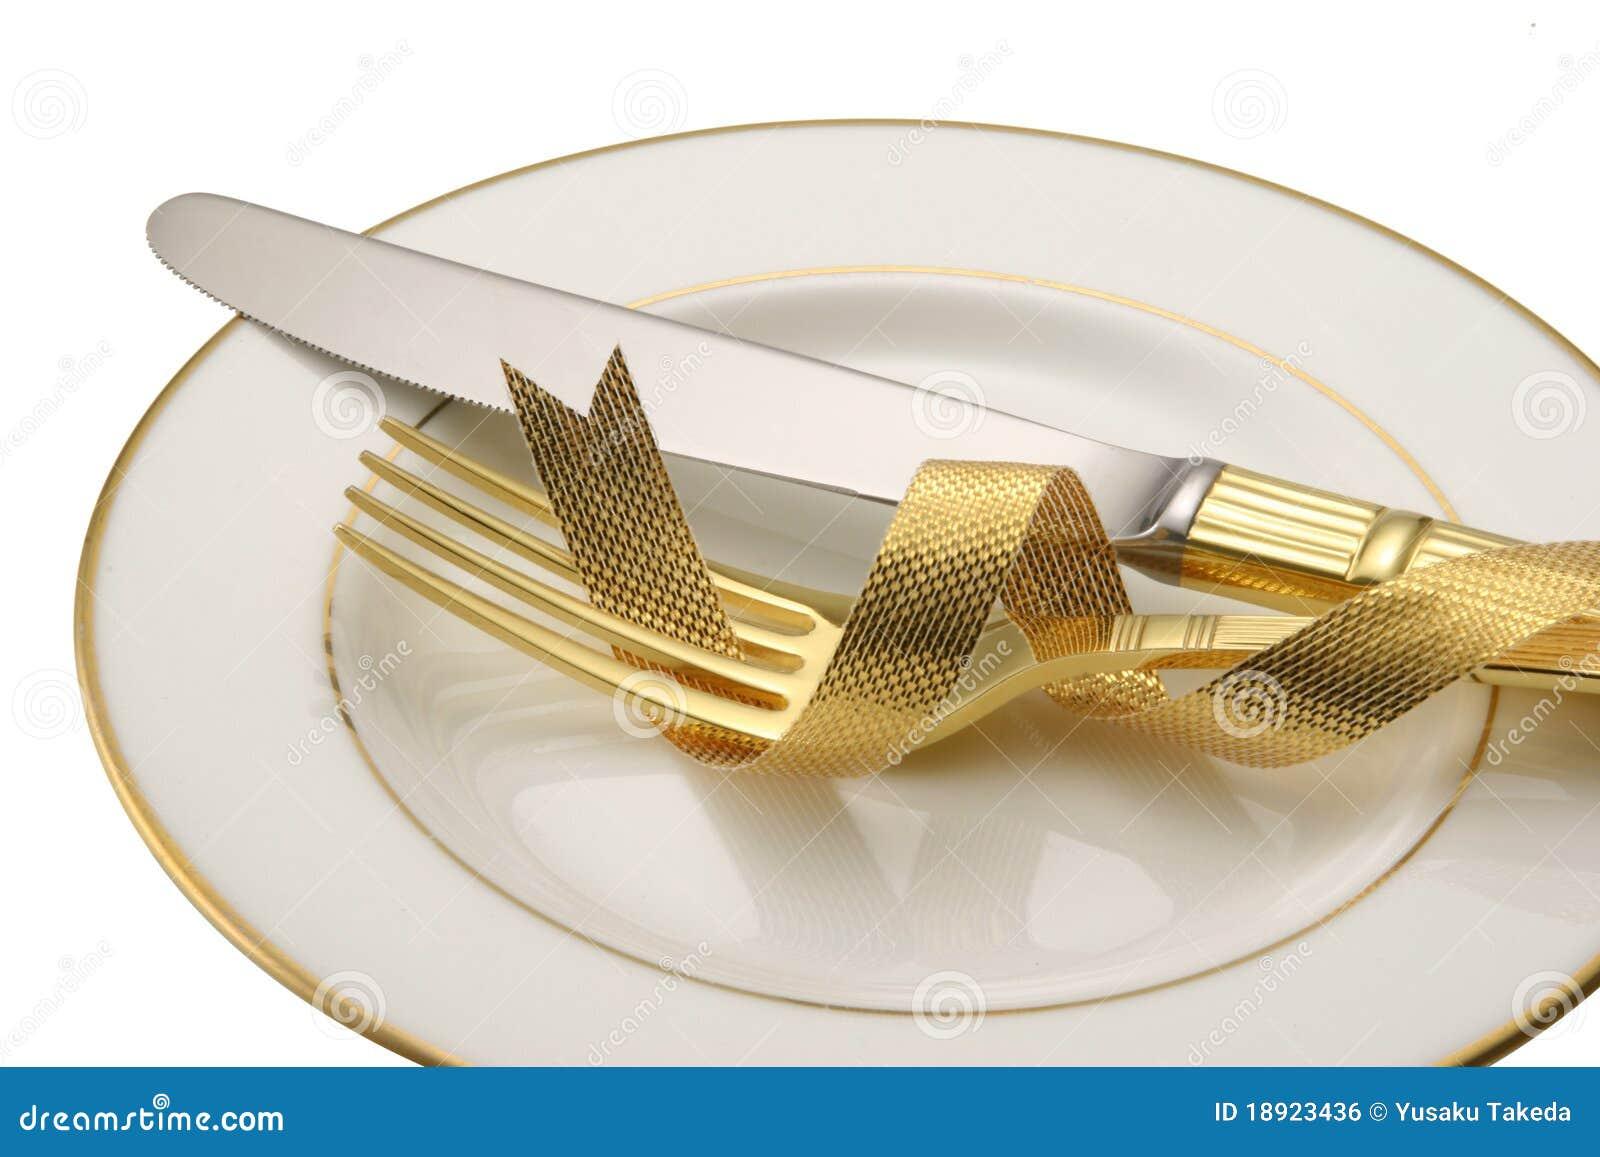 Messer und Gabel.